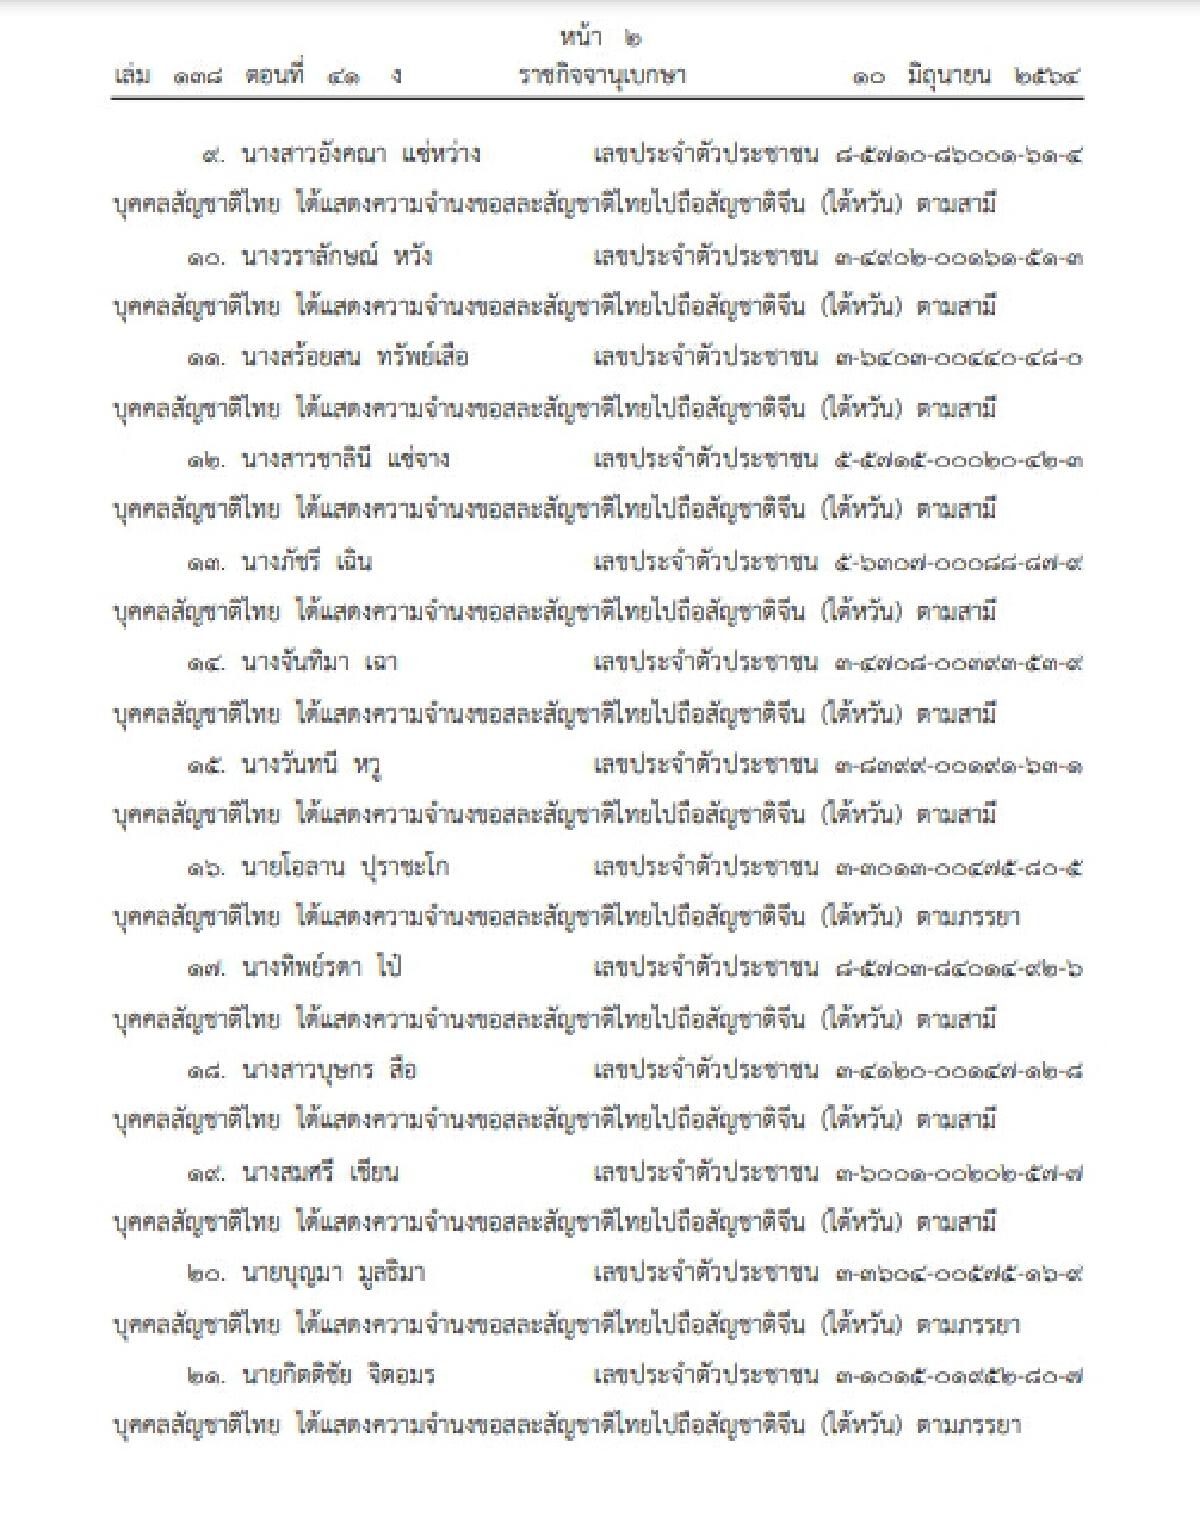 ราชกิจจานุเบกษา ออกประกาศเผยแพร่ เสียสัญชาติไทย จำนวน 31 ราย